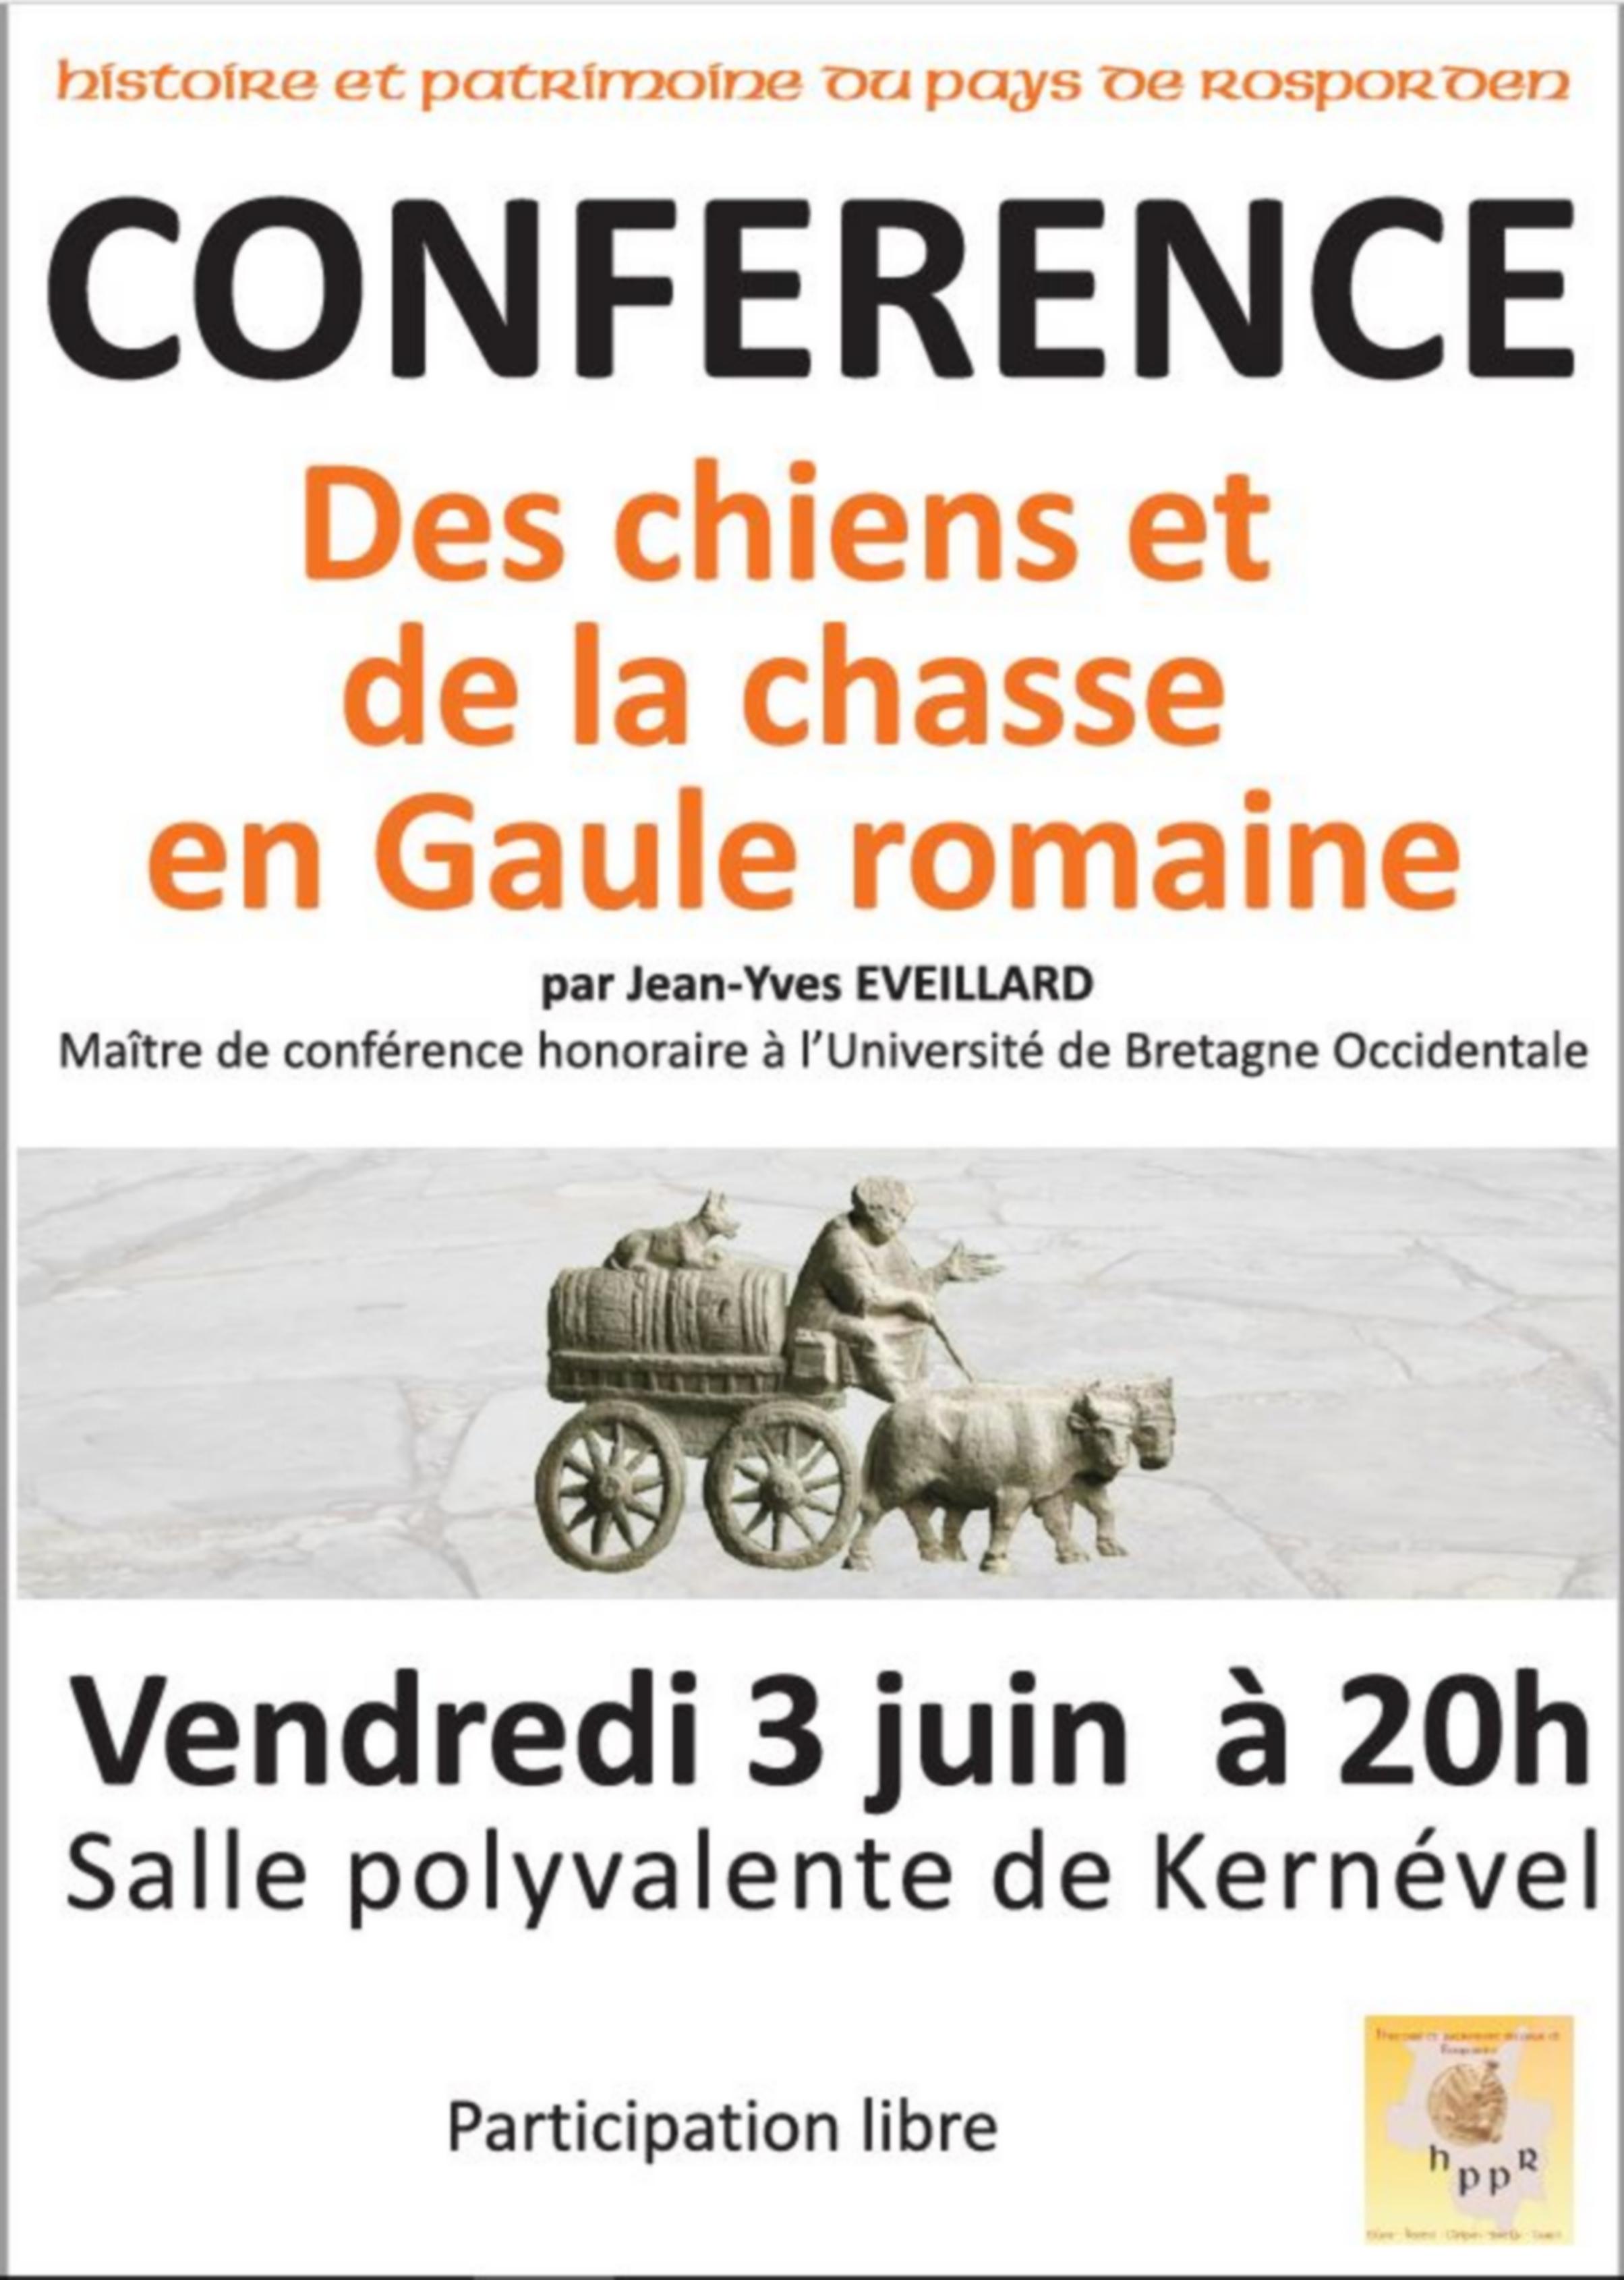 Jean-Yves EVEILLARD : Chasse romaine